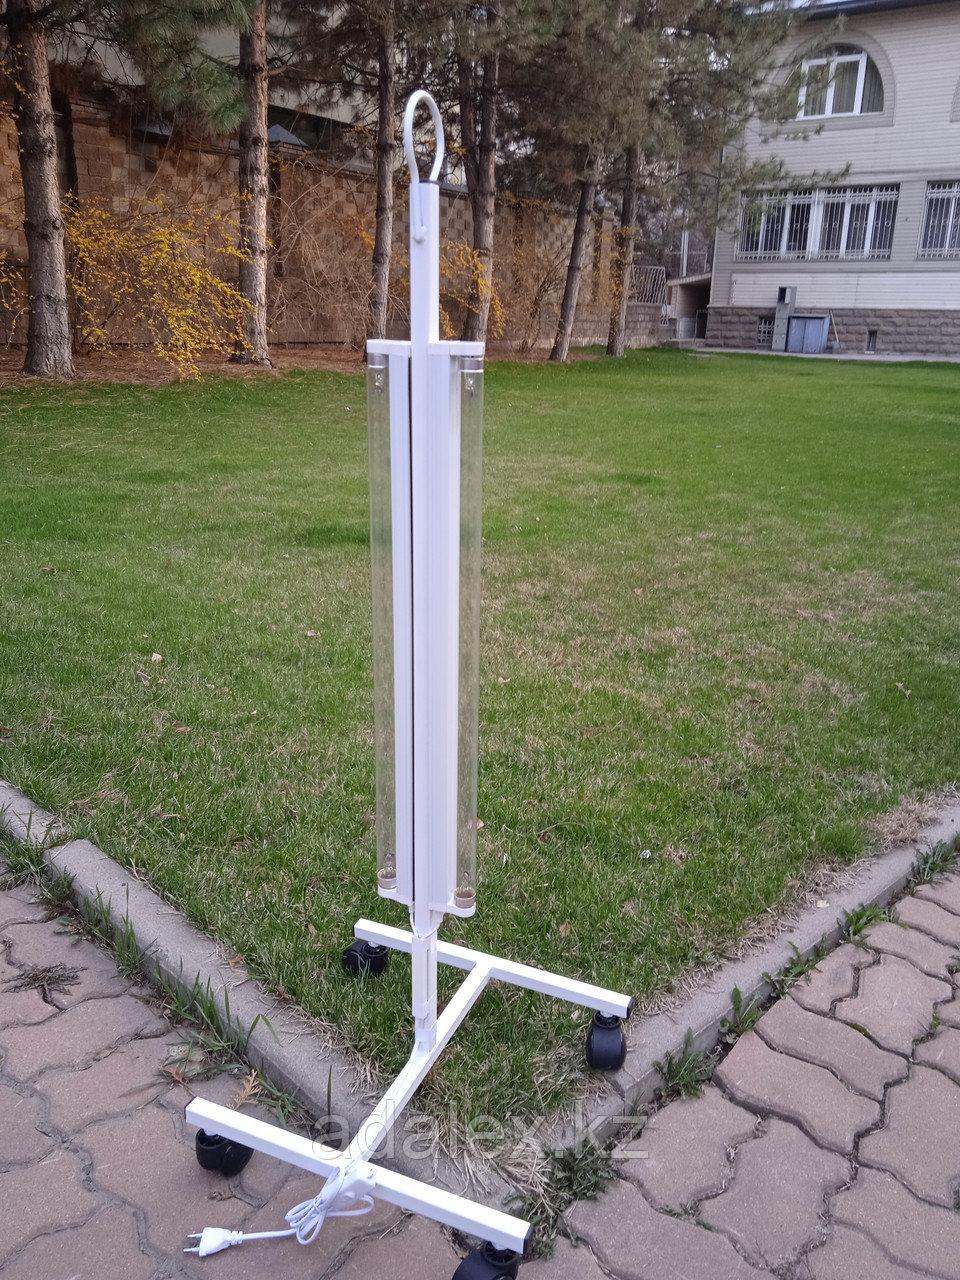 Облучатель.Передвижная двухламповая кварцевая лампа - фото 2